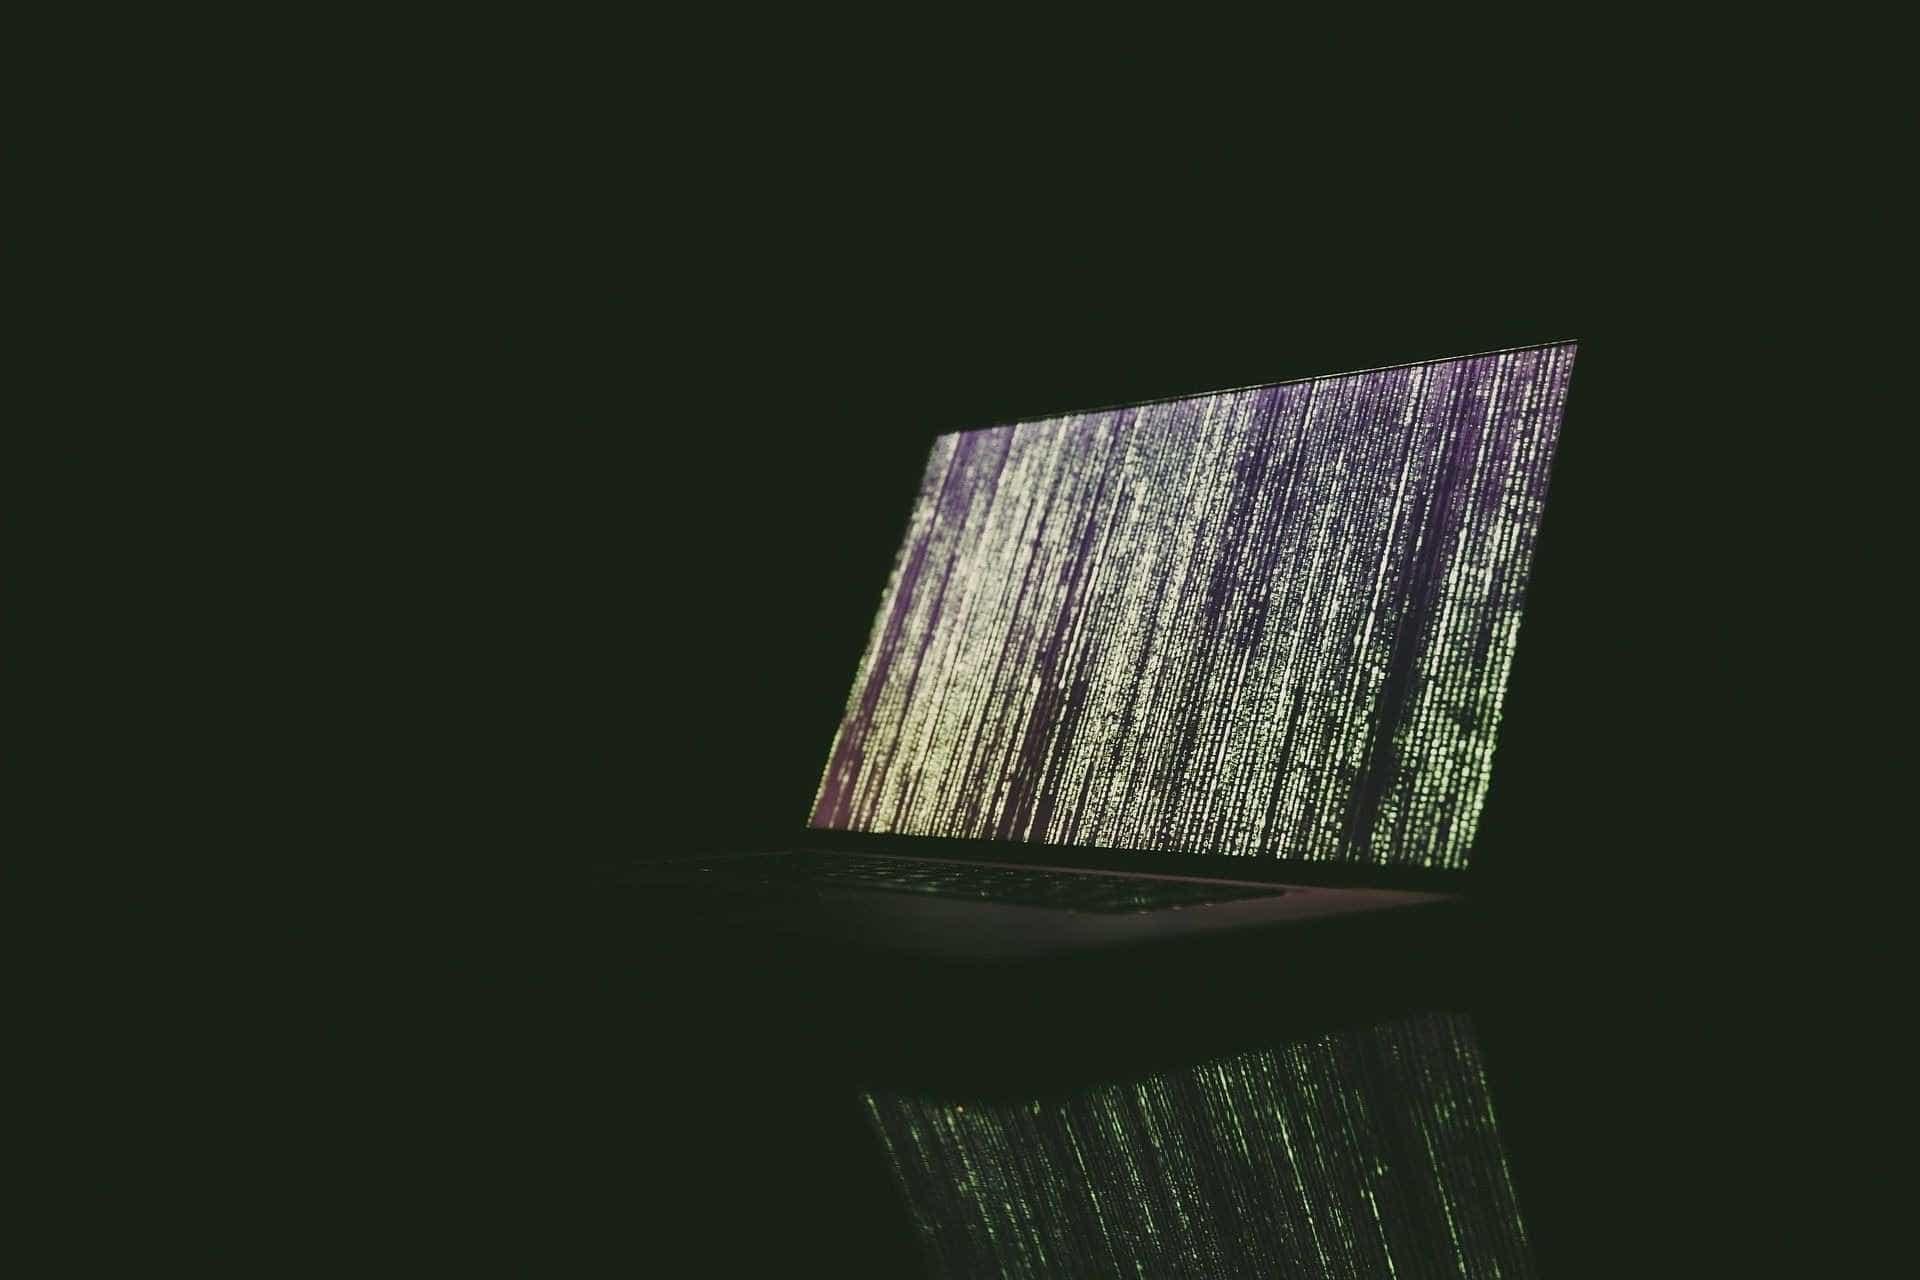 Vírus que 'sequestra' arquivos se espalha e assusta brasileiros